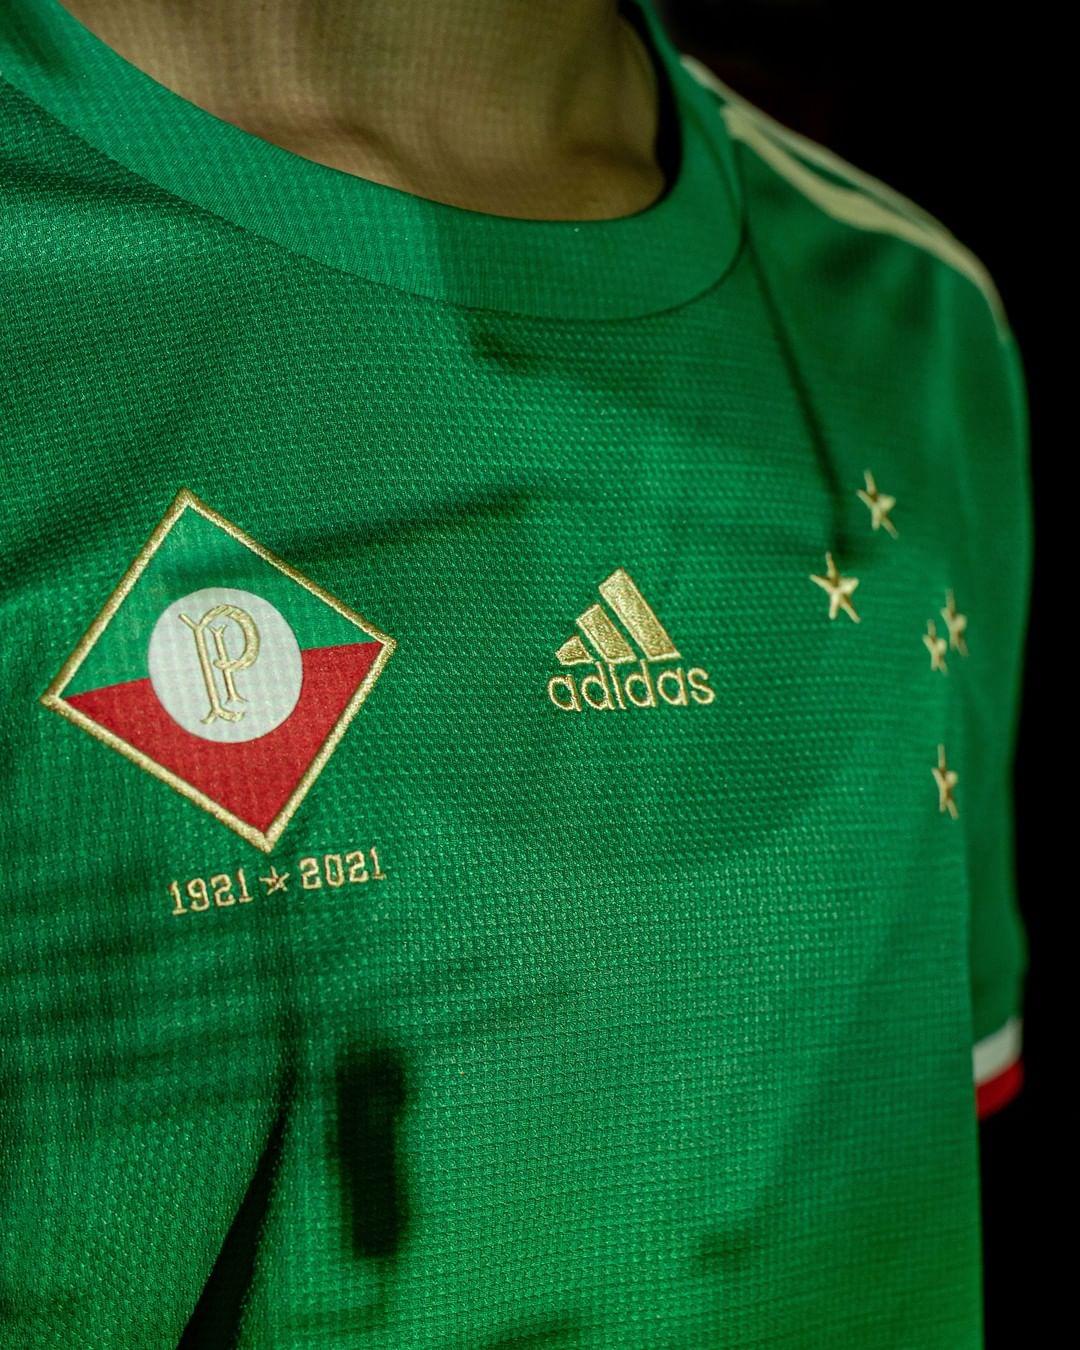 Terceira camisa do Cruzeiro 2021-2022 Adidas